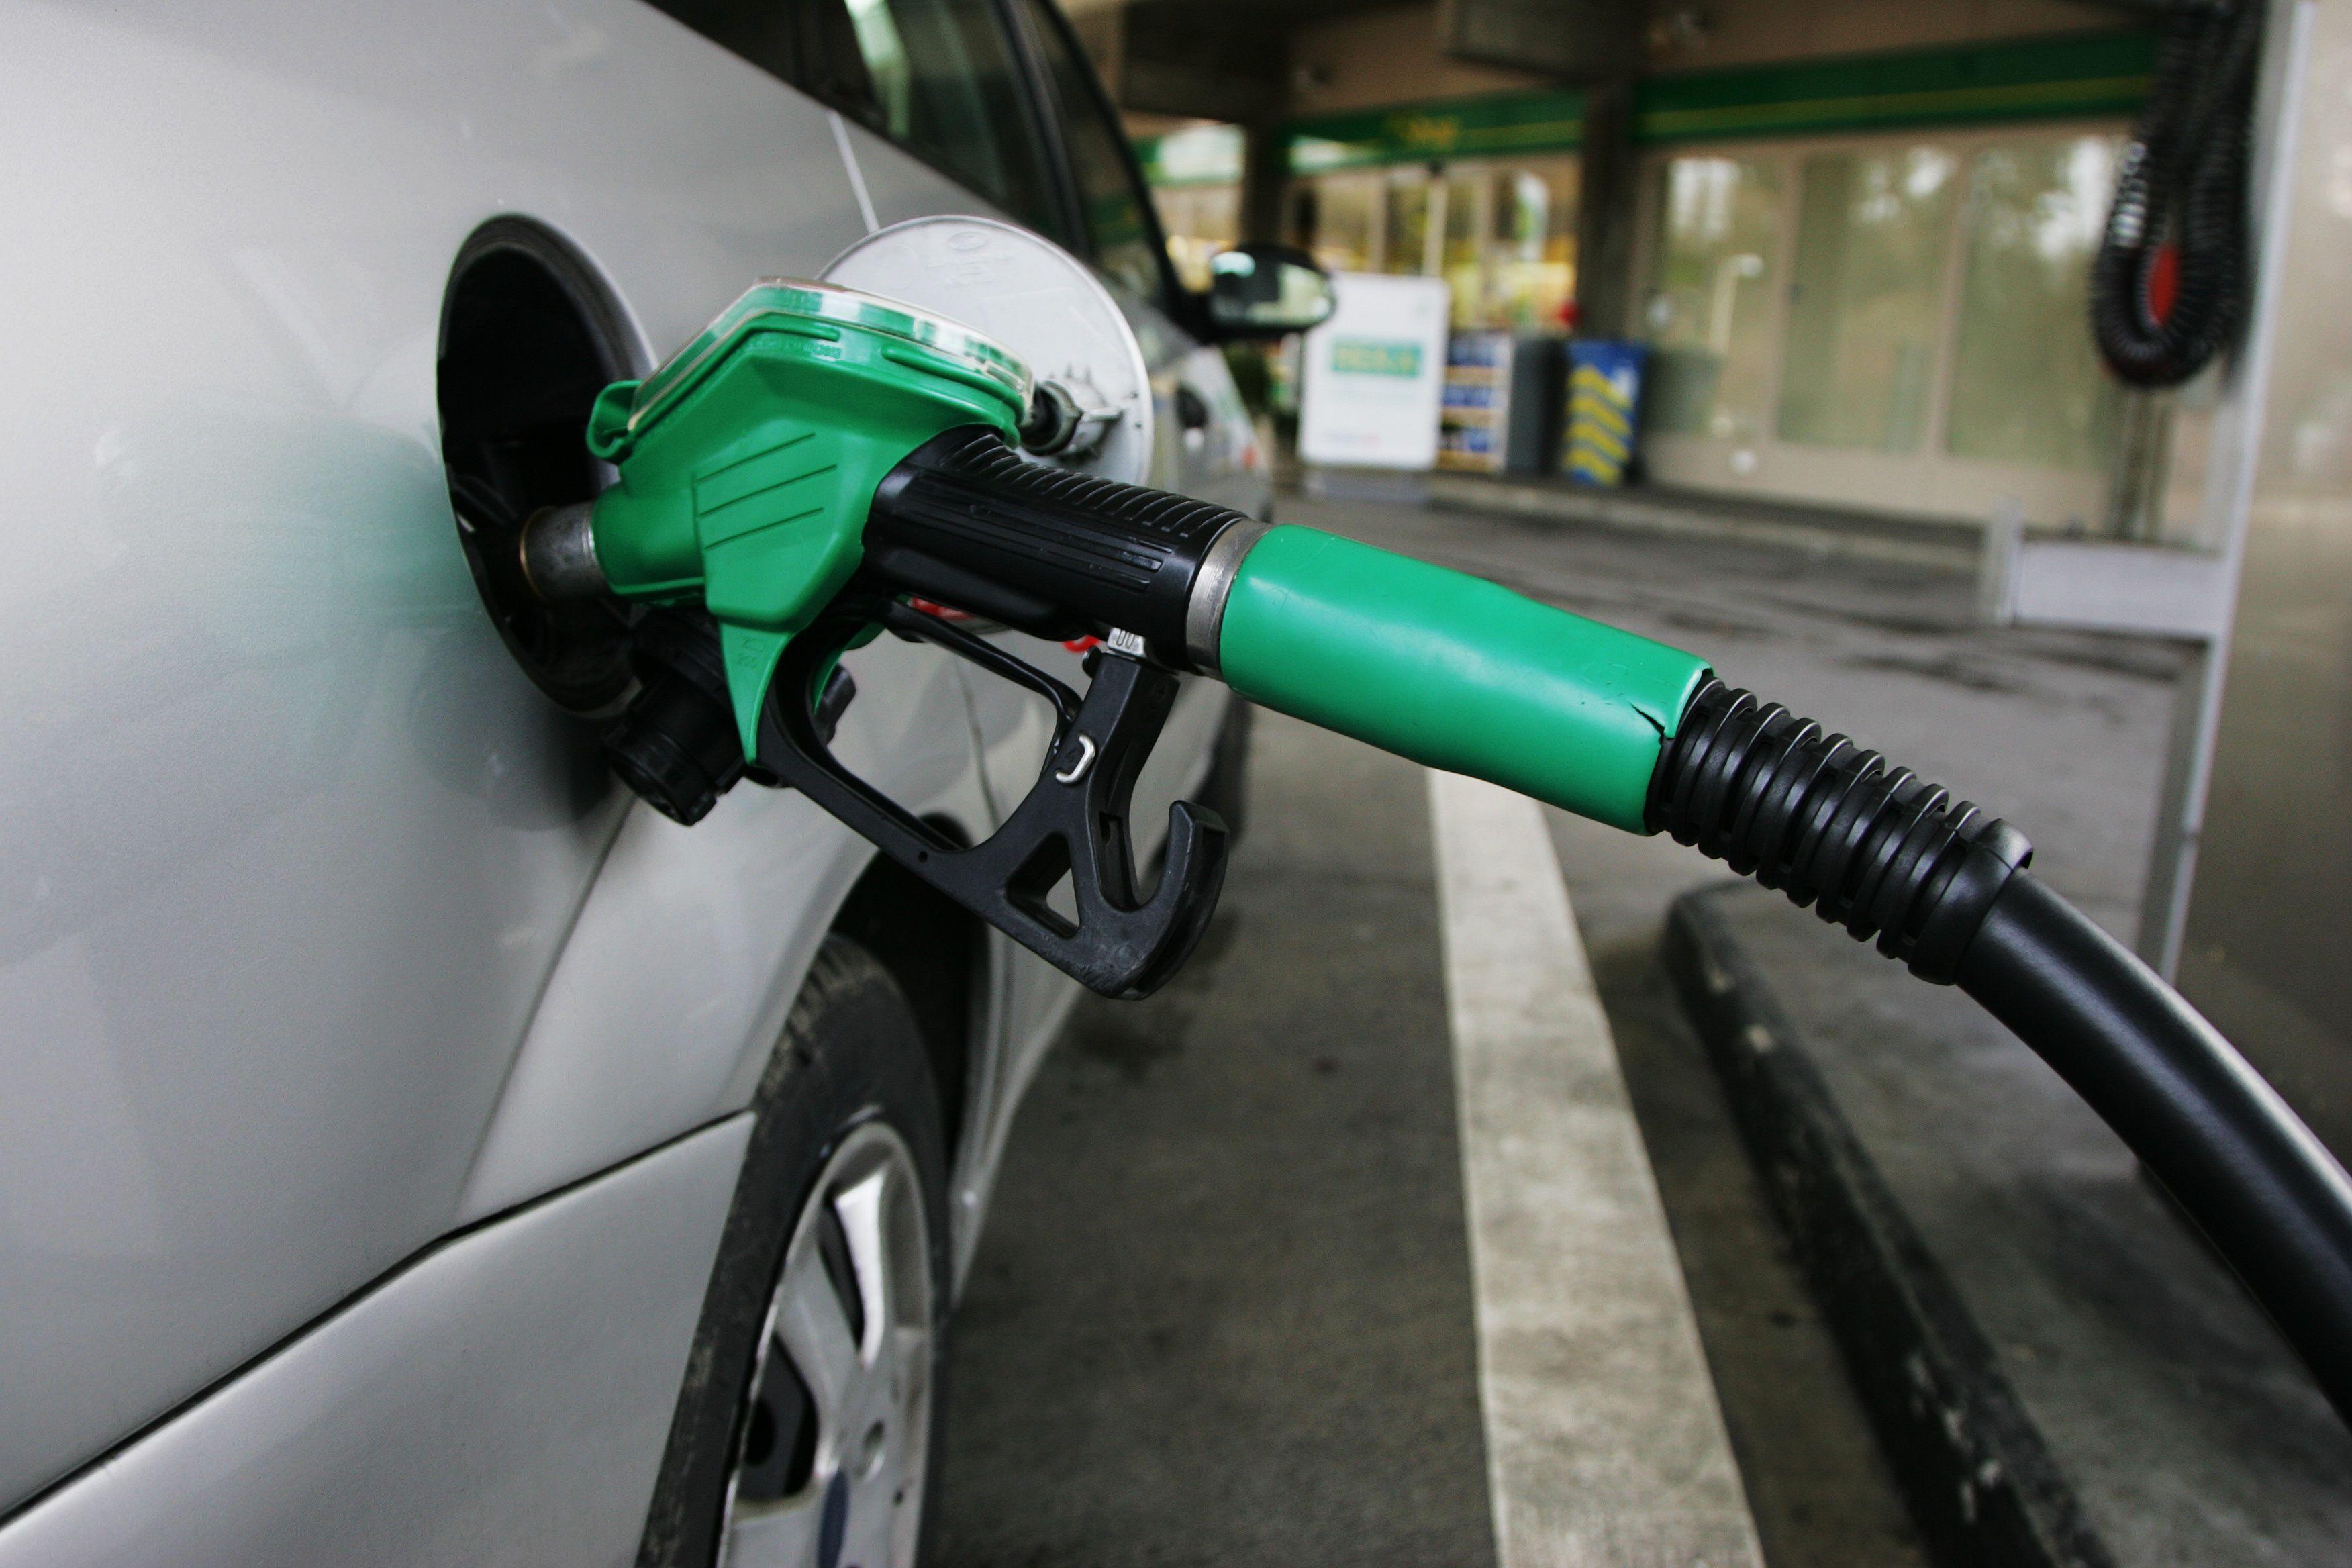 «Καίει» η τιμή της βενζίνης - Σε ποιά νησιά ξεπέρασε τα 2 ευρώ το λίτρο